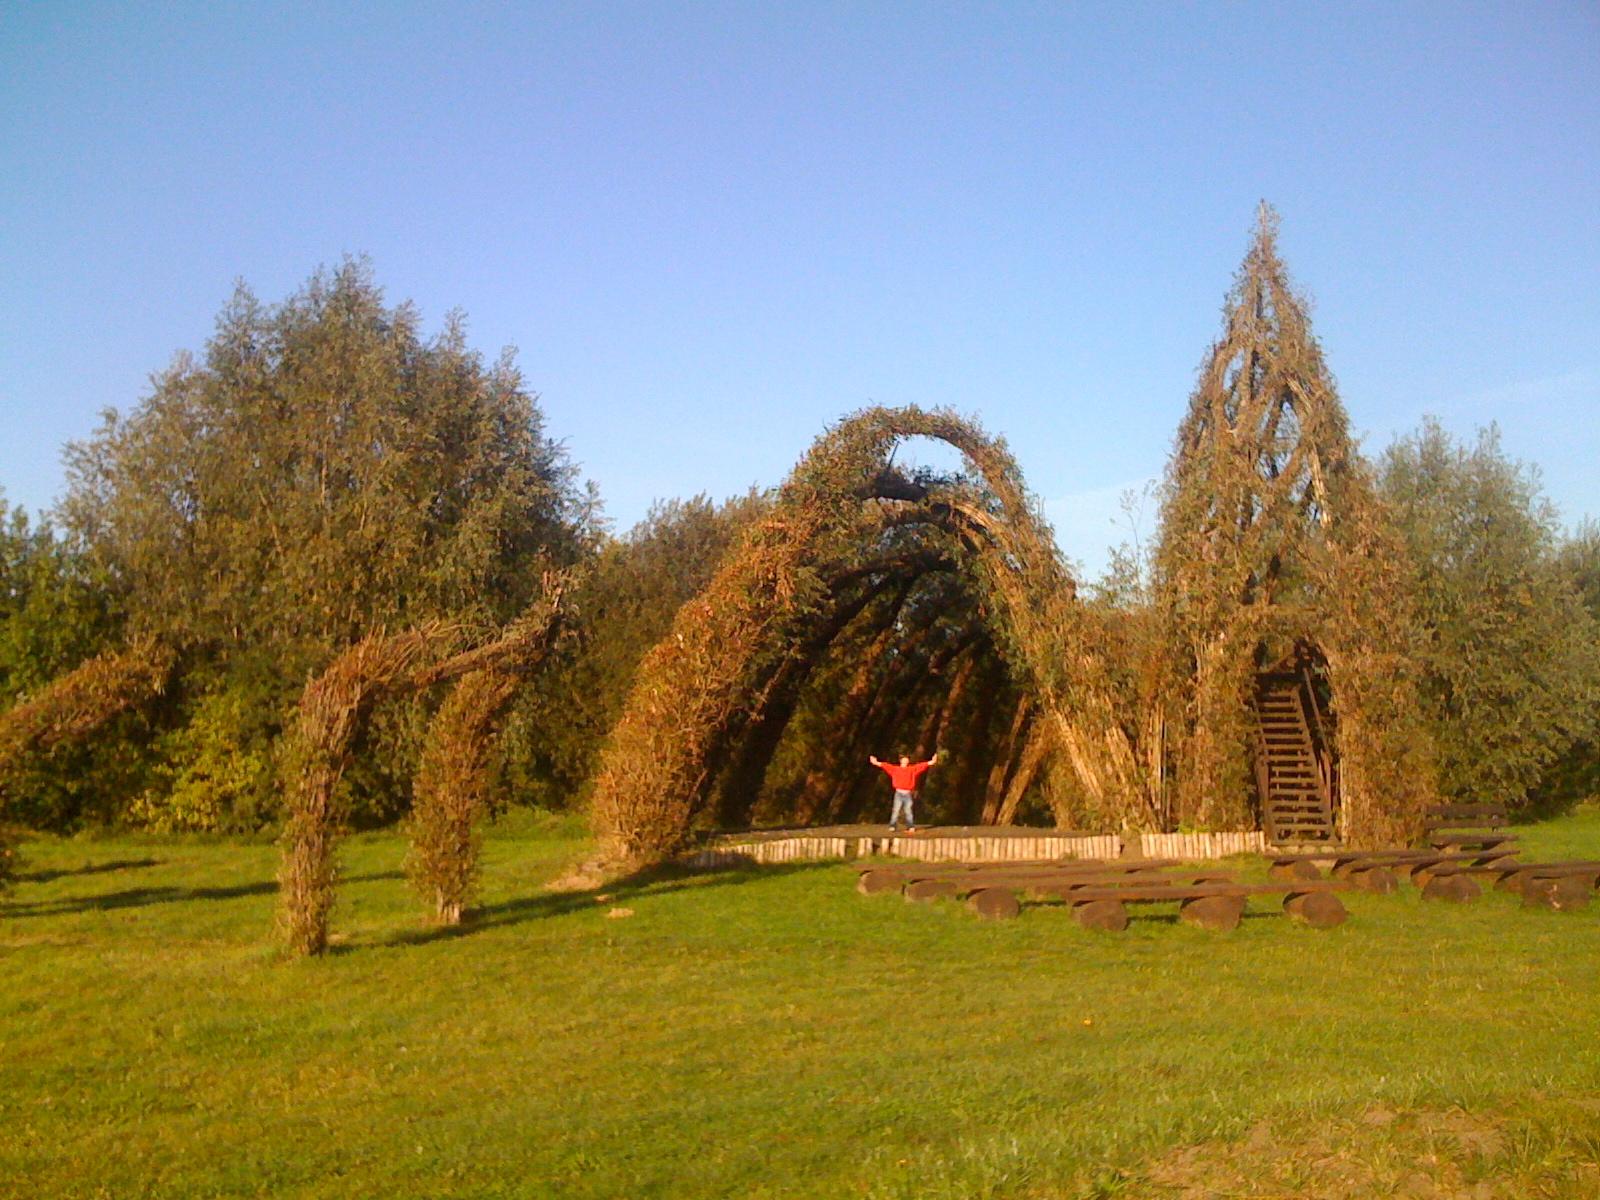 File:Topiary Garden Boizenburg Marcel Kalberer 2.jpg - Wikimedia Commons